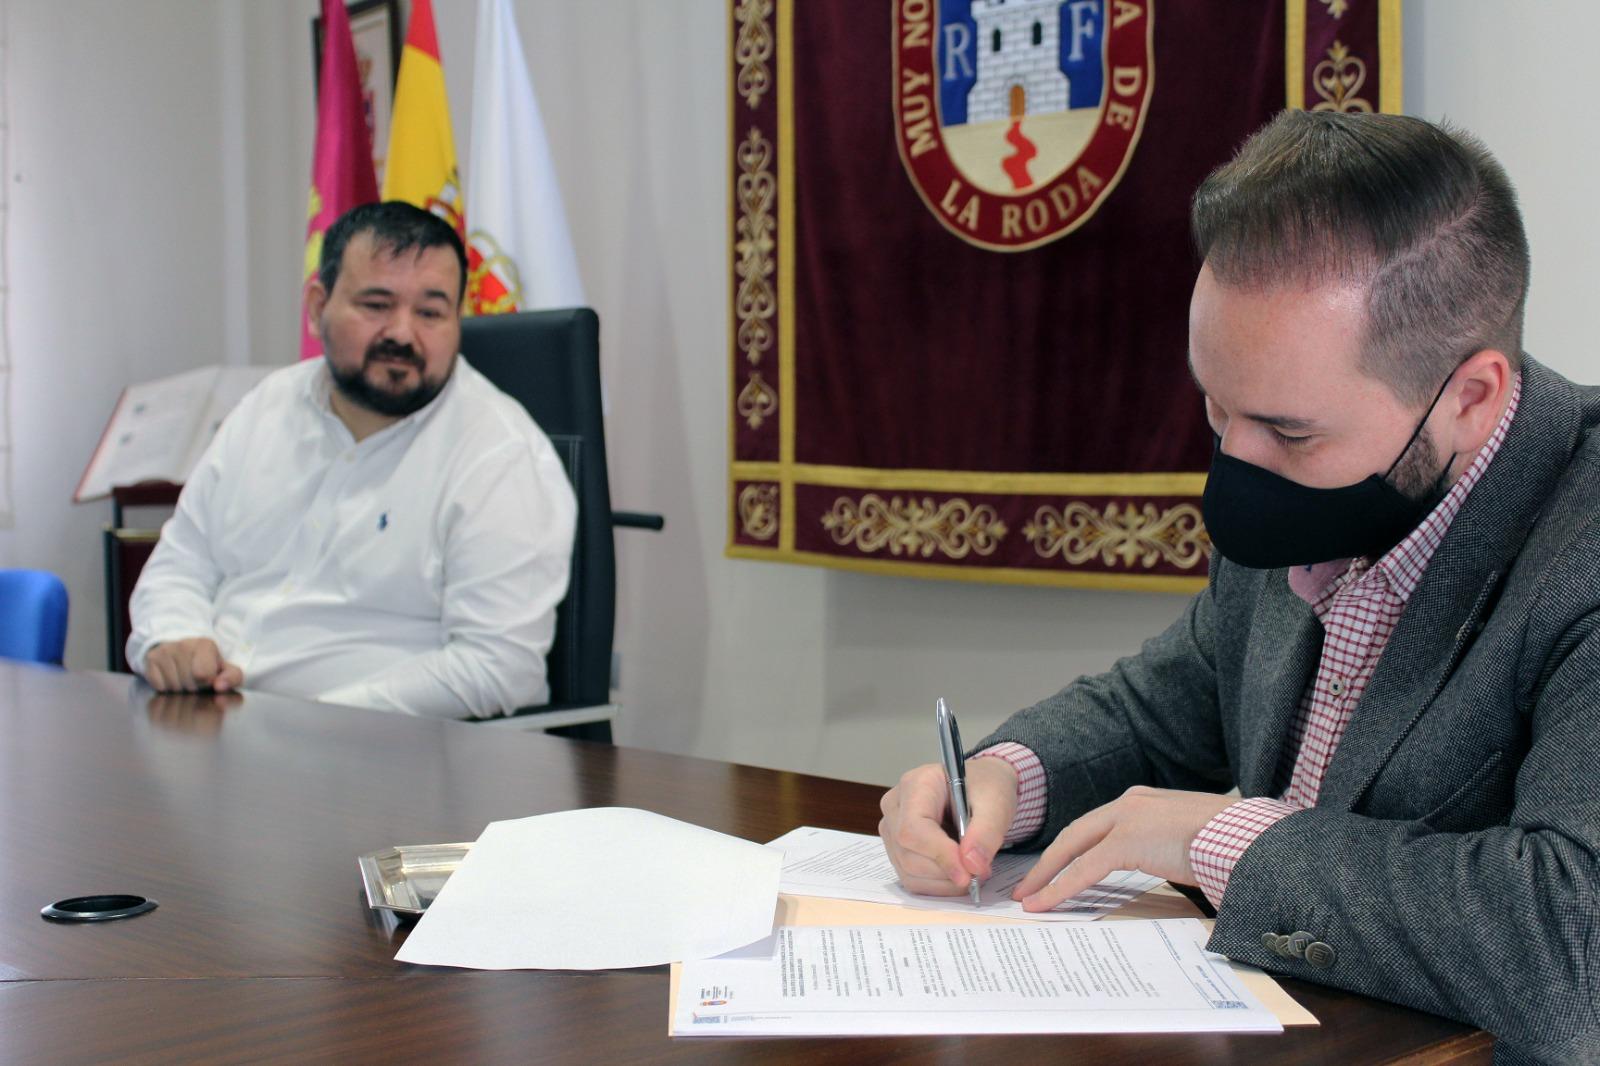 El Ayuntamiento Duplica El Convenio Con La Semana Santa De La Roda